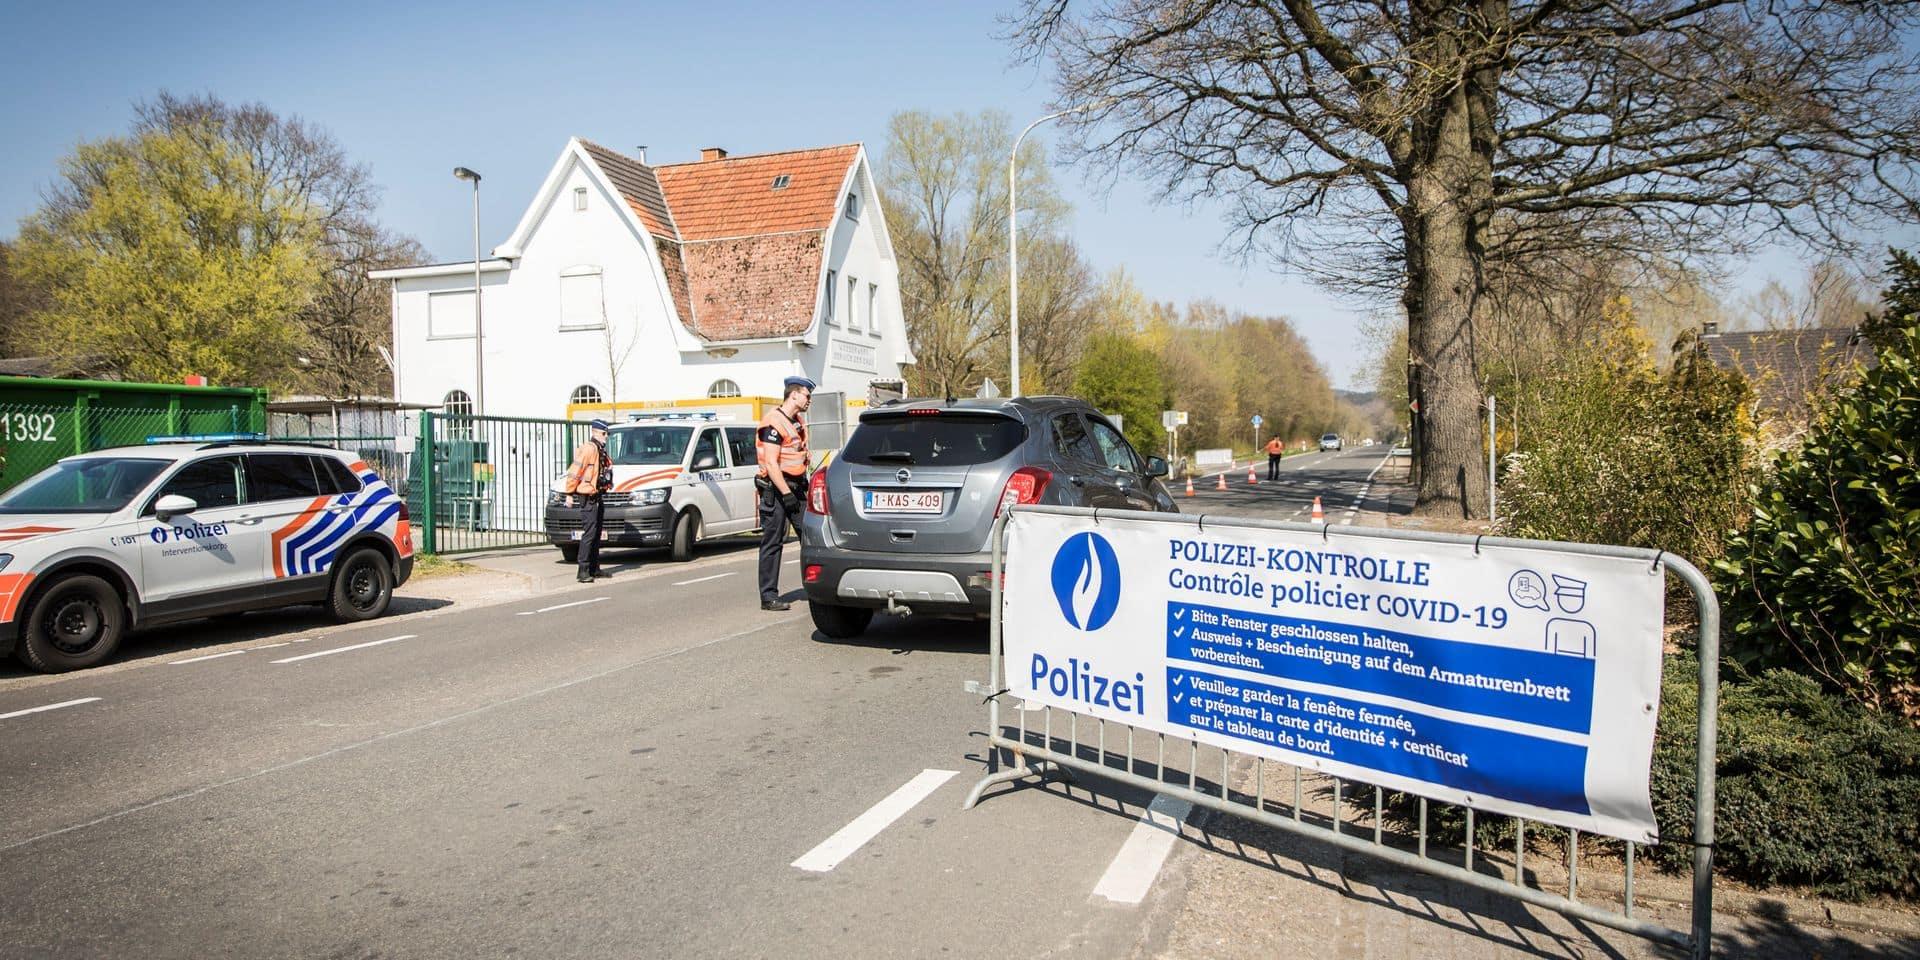 Reconfinement, couvre-feu, fermetures: des bourgmestres s'expriment sur les mesures qu'ils voudraient imposer dans leur commune